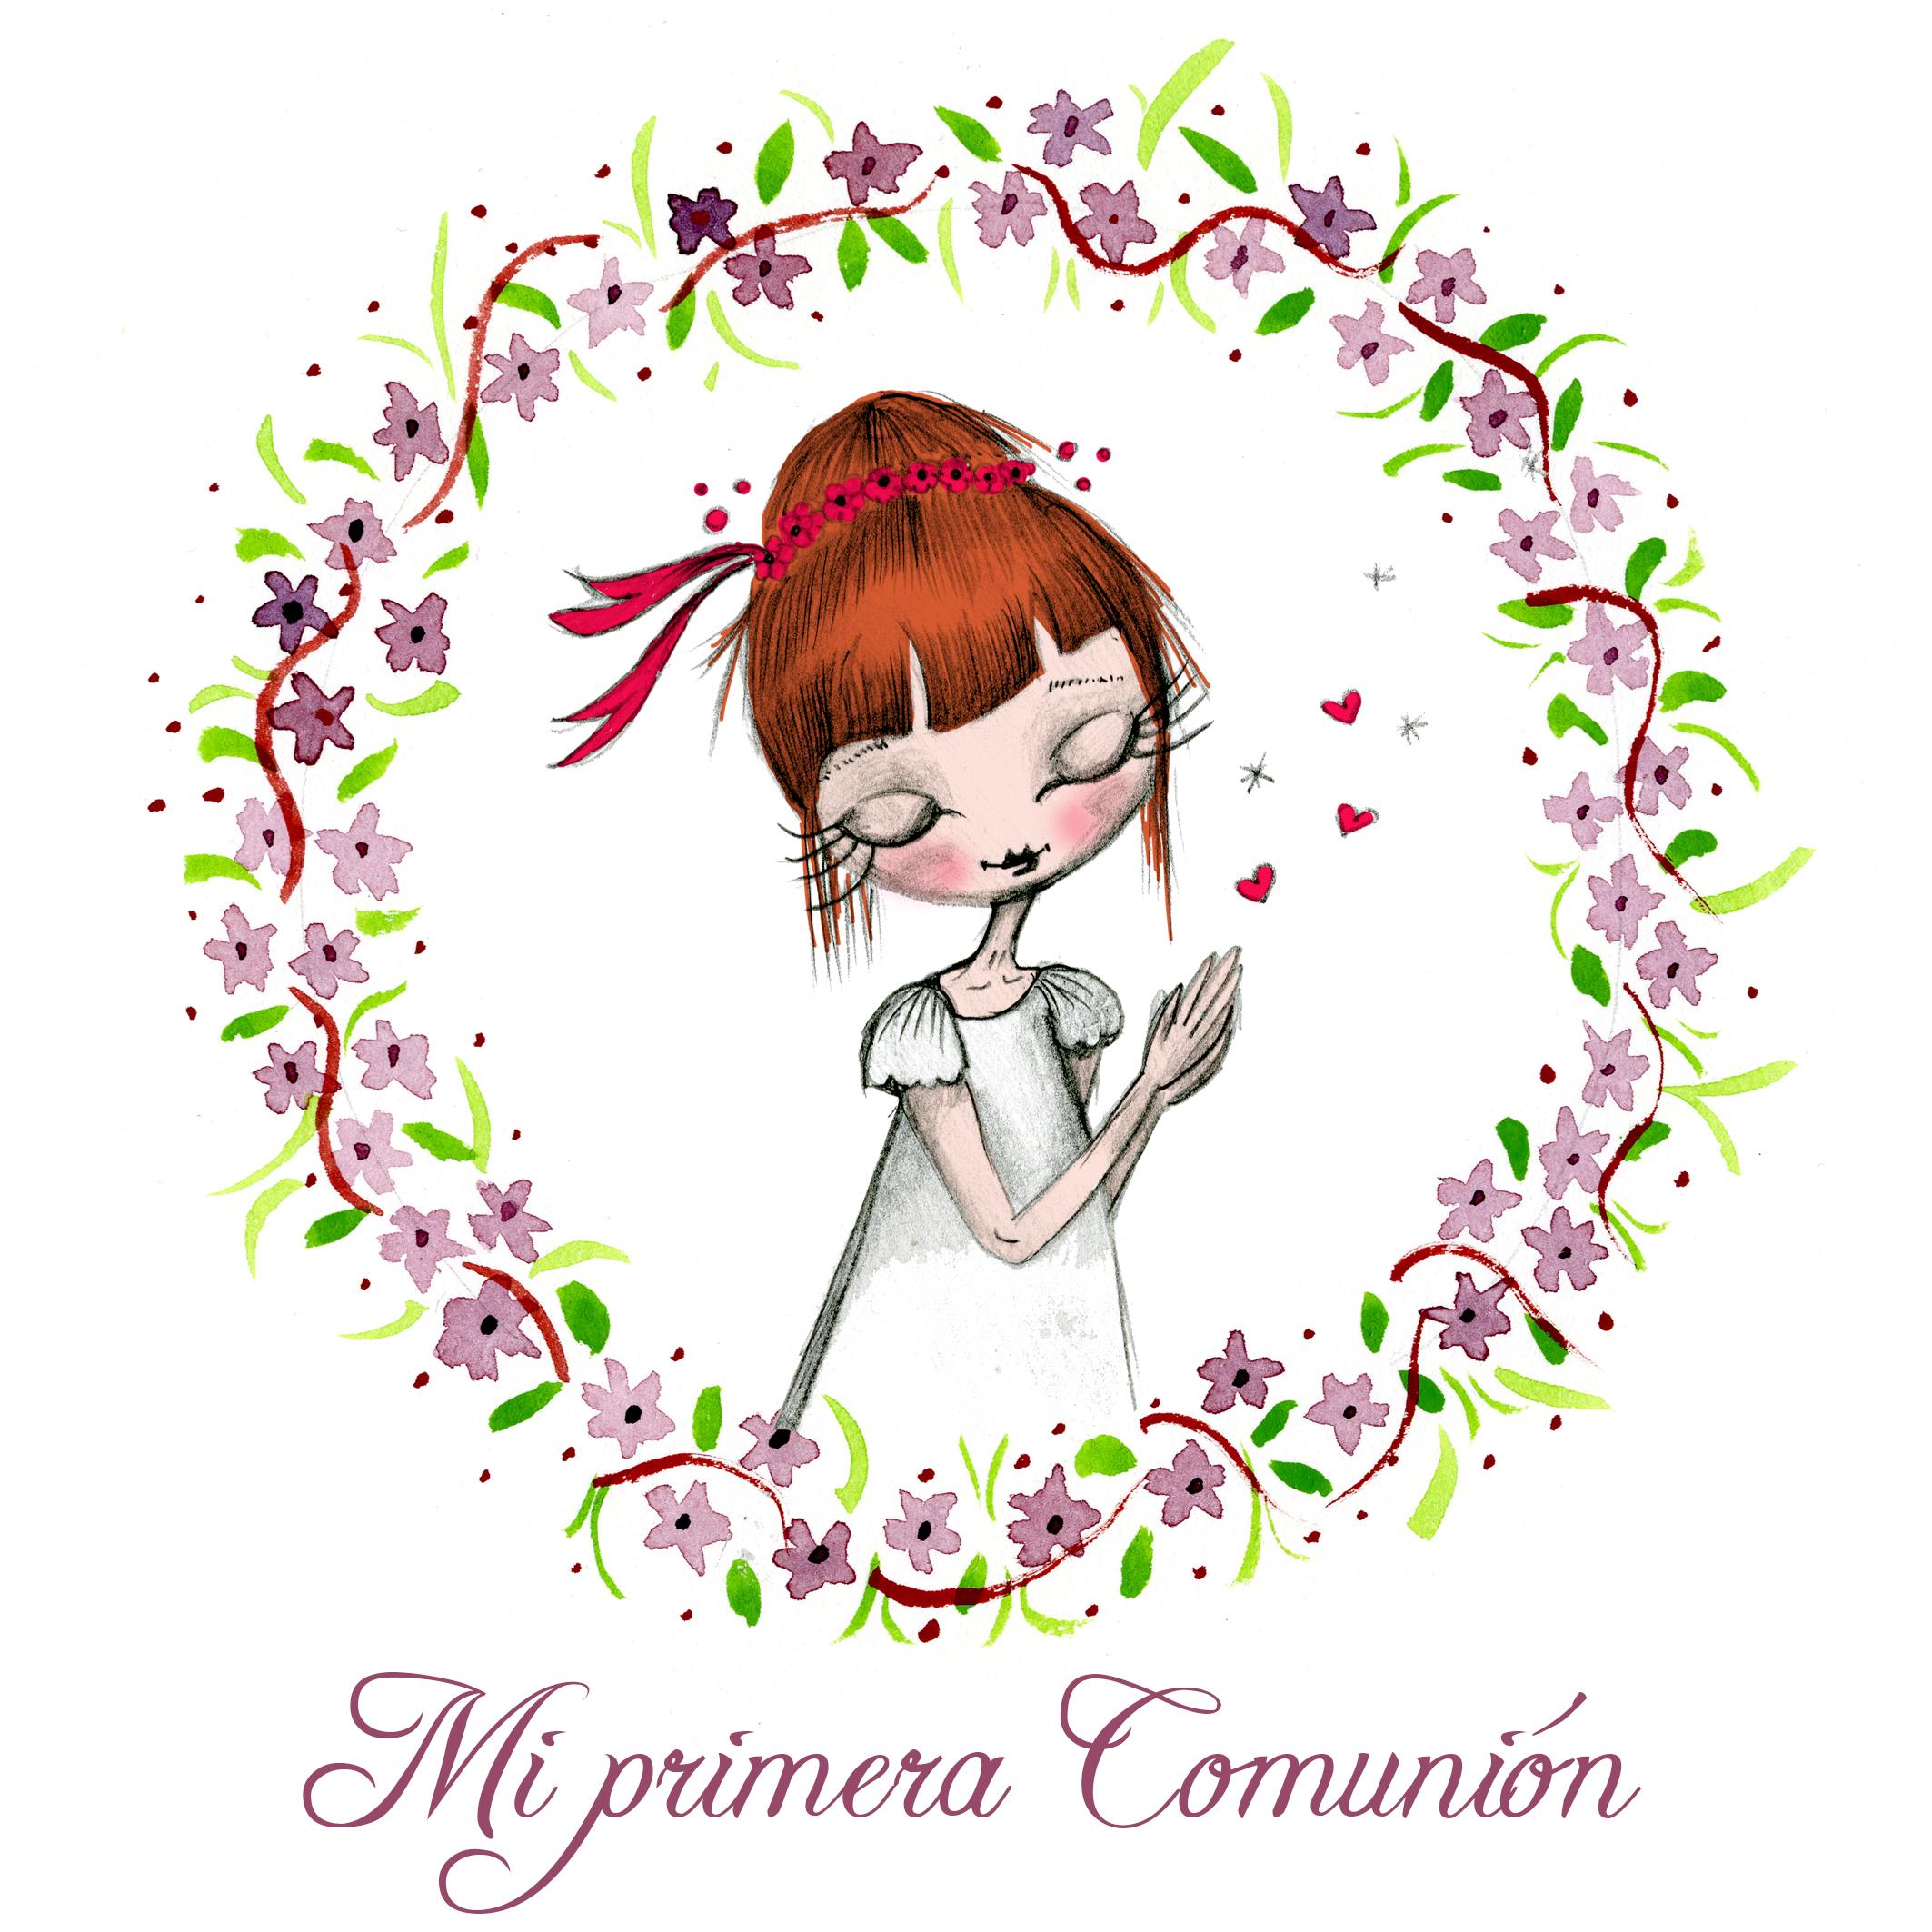 Ilustración personalizada para comunion